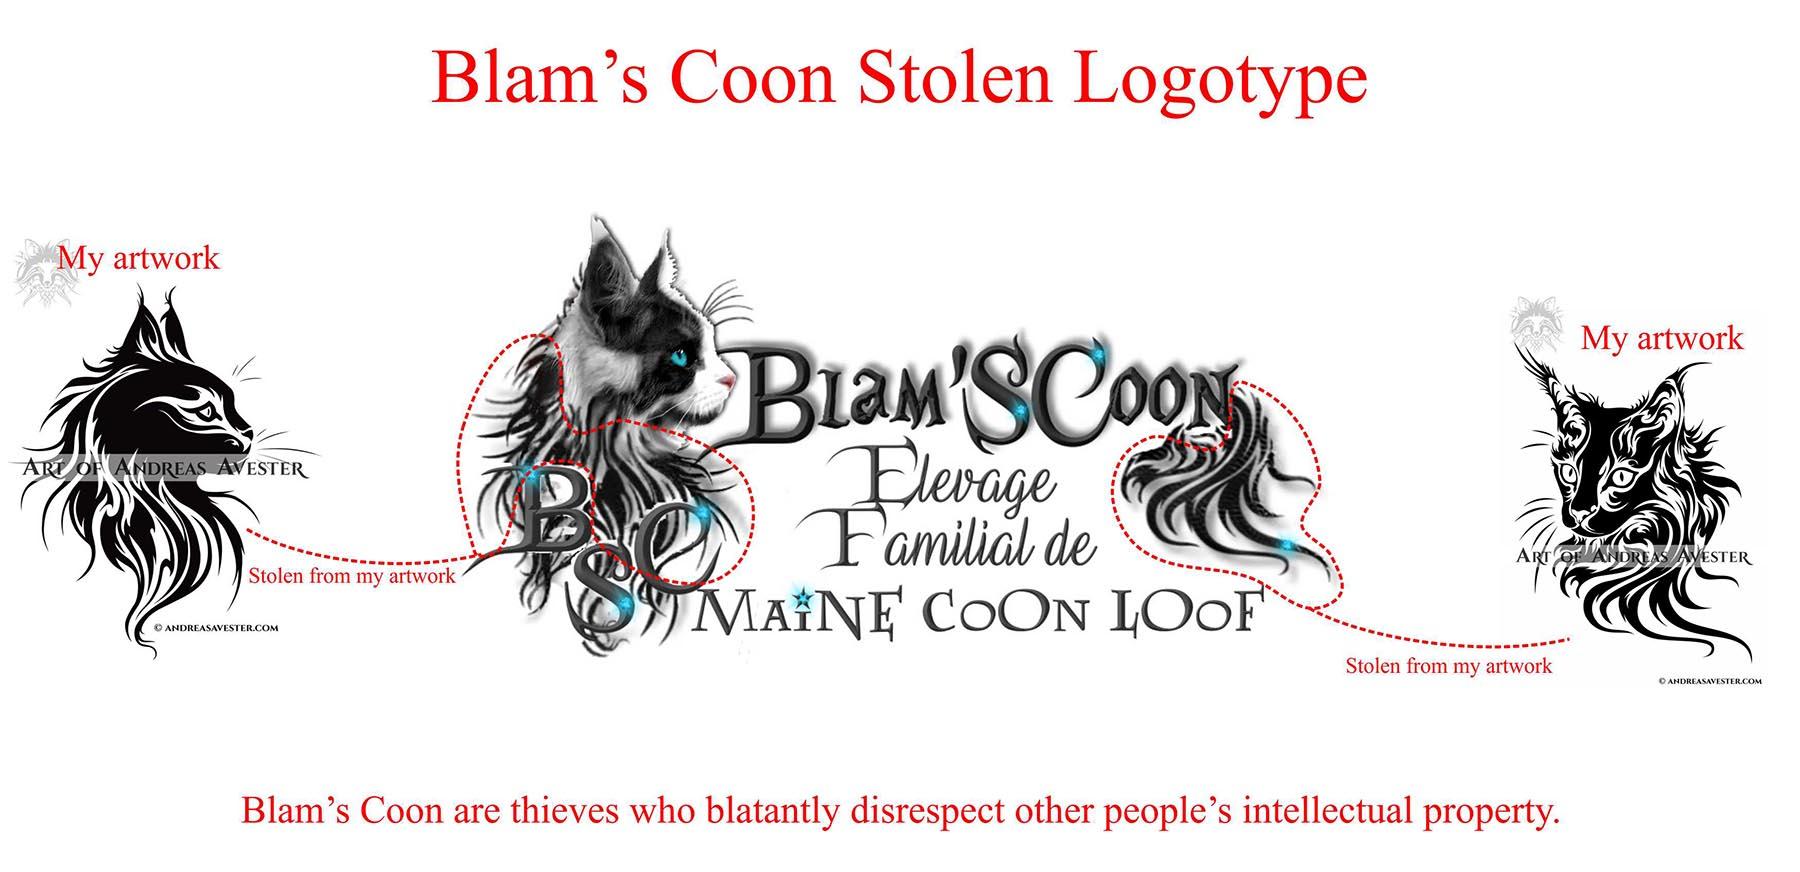 Blam's Coon Stolen Logotype